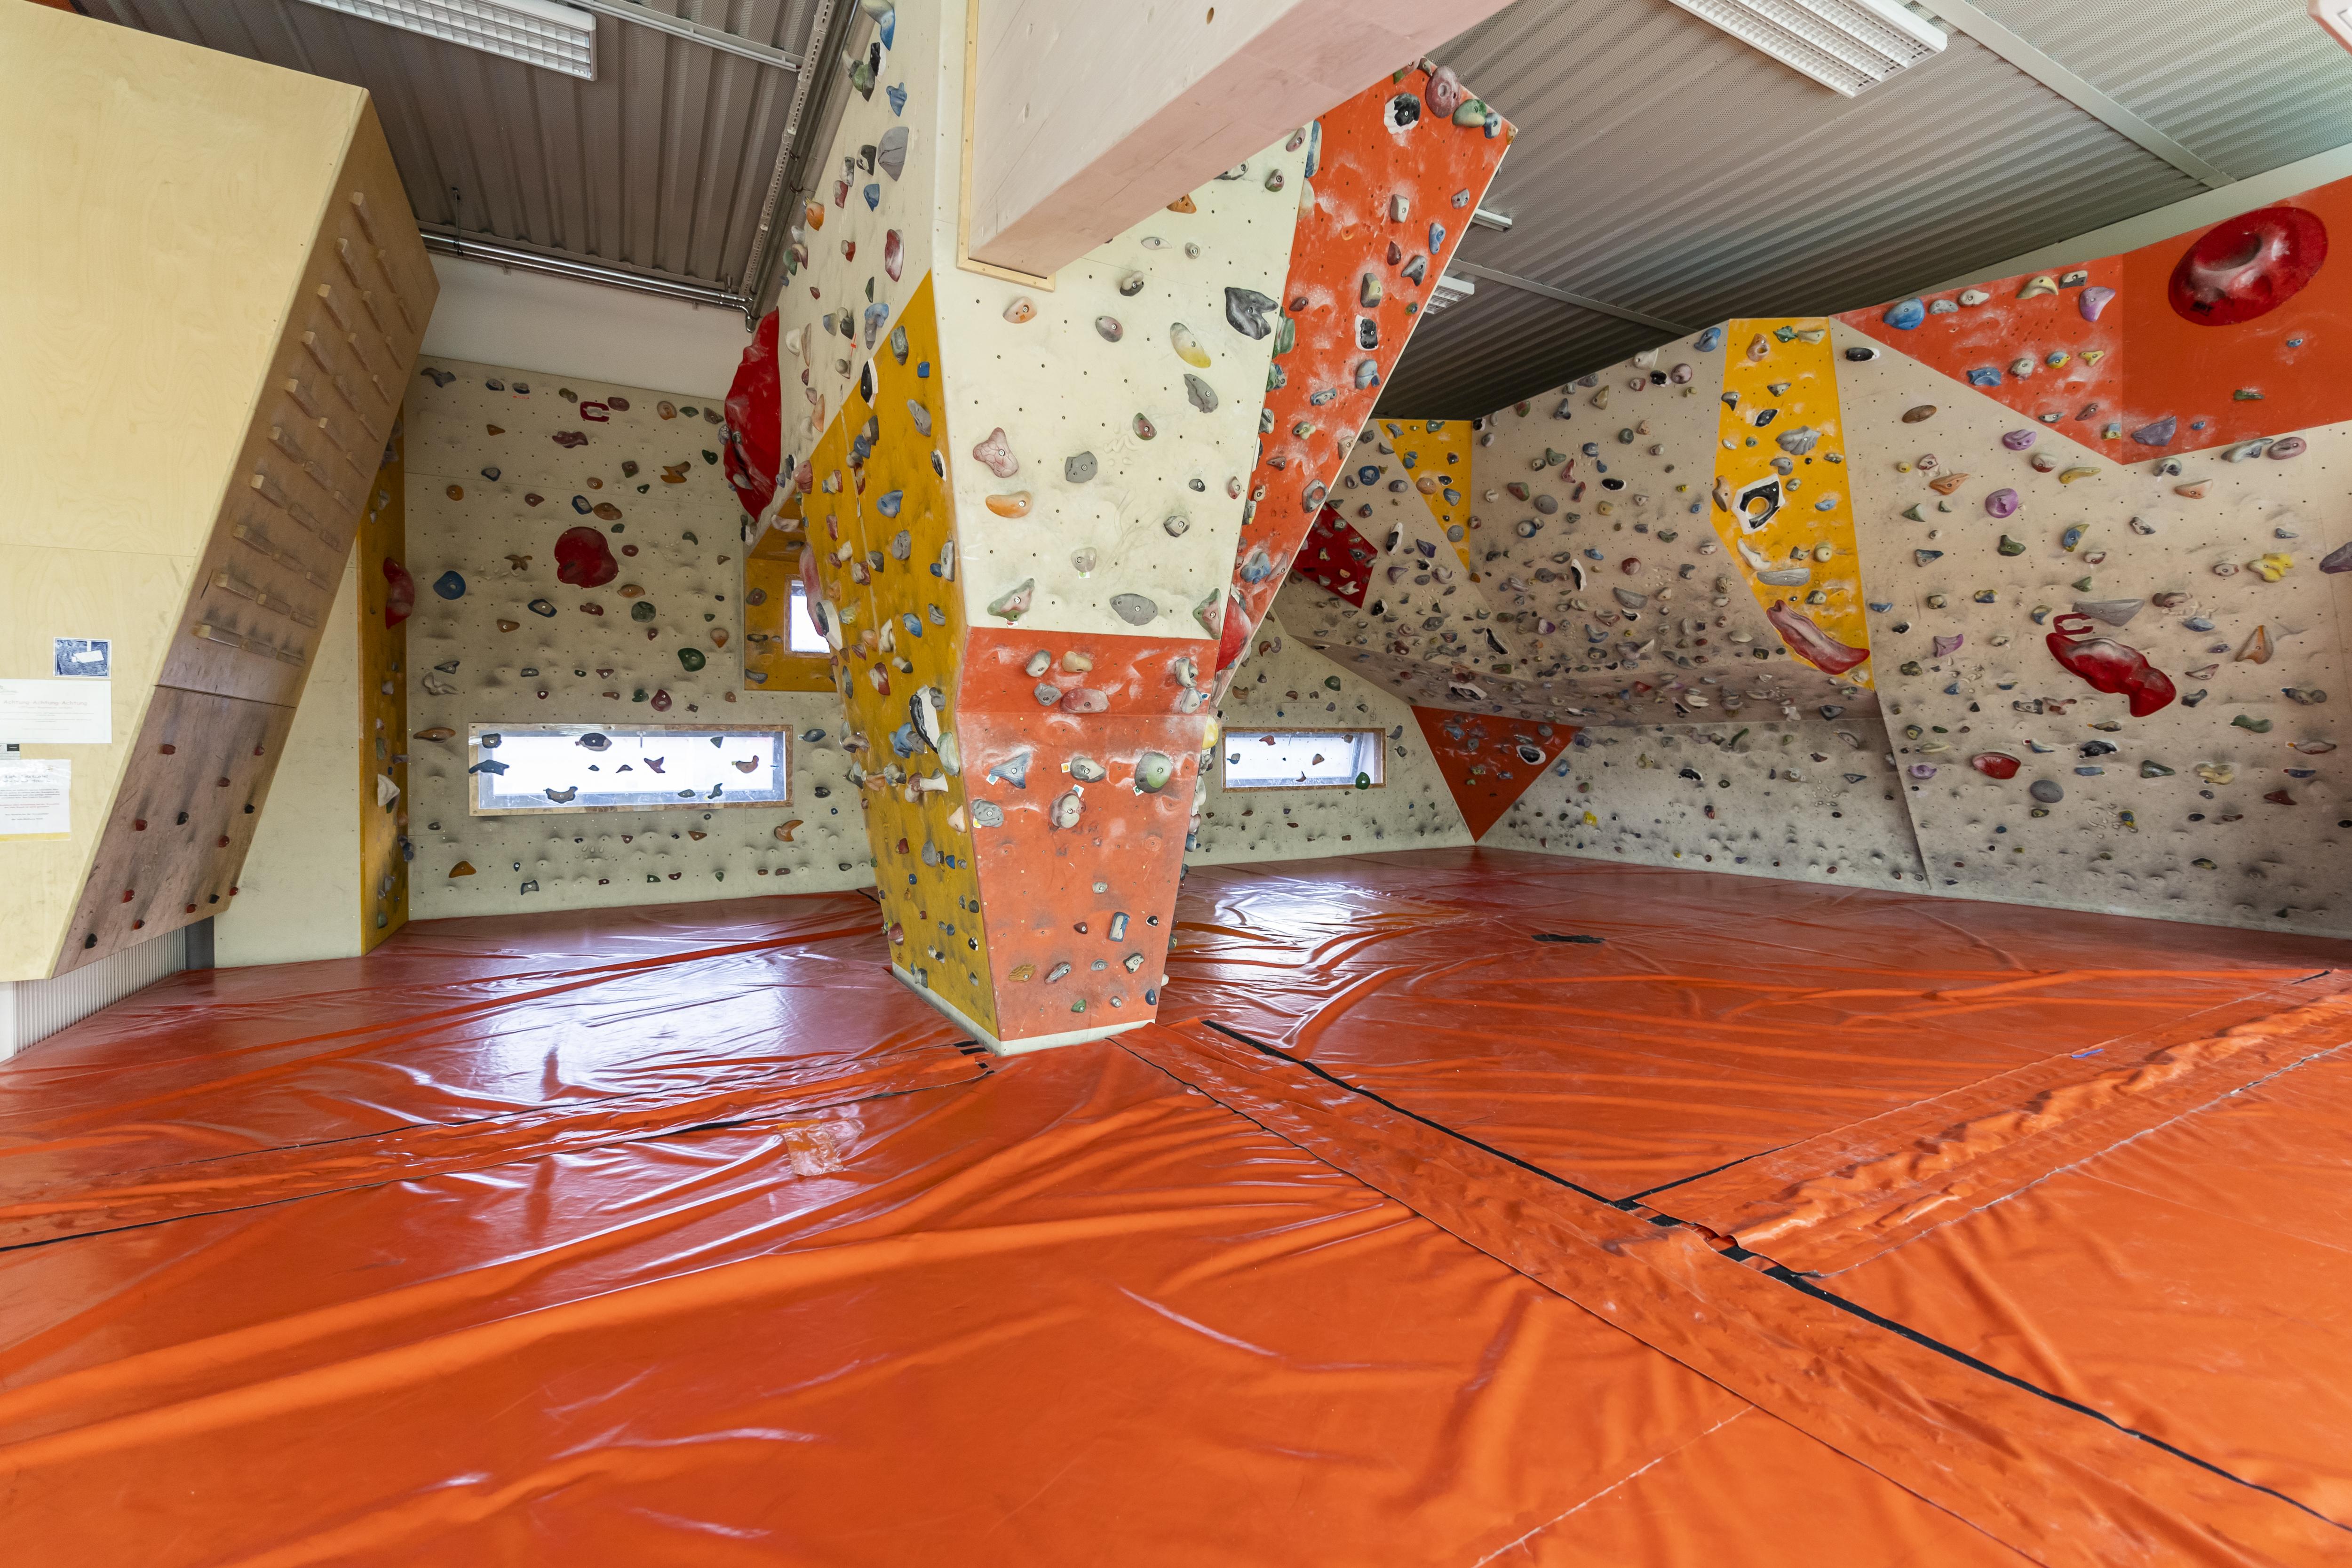 Sie sehen den Kletterbereich in der Sporthalle vom JUFA Hotel Bleiburg – Sport-Resort. Der Ort für erfolgreiches Training in ungezwungener Atmosphäre für Vereine und Teams.